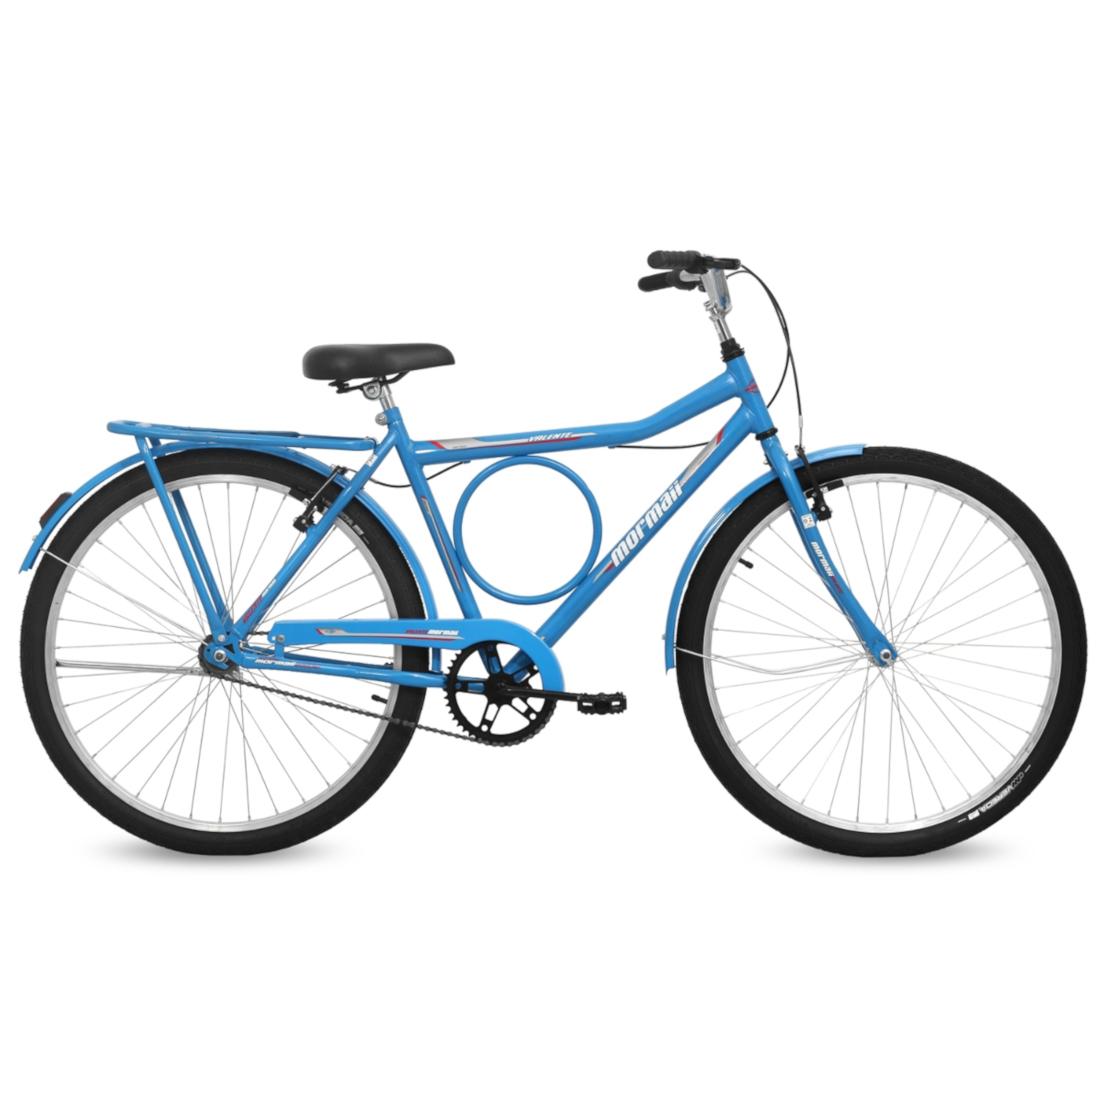 Bicicleta Aro 26 Q19,5  Freio FF Valente Azul Porche Mormaii